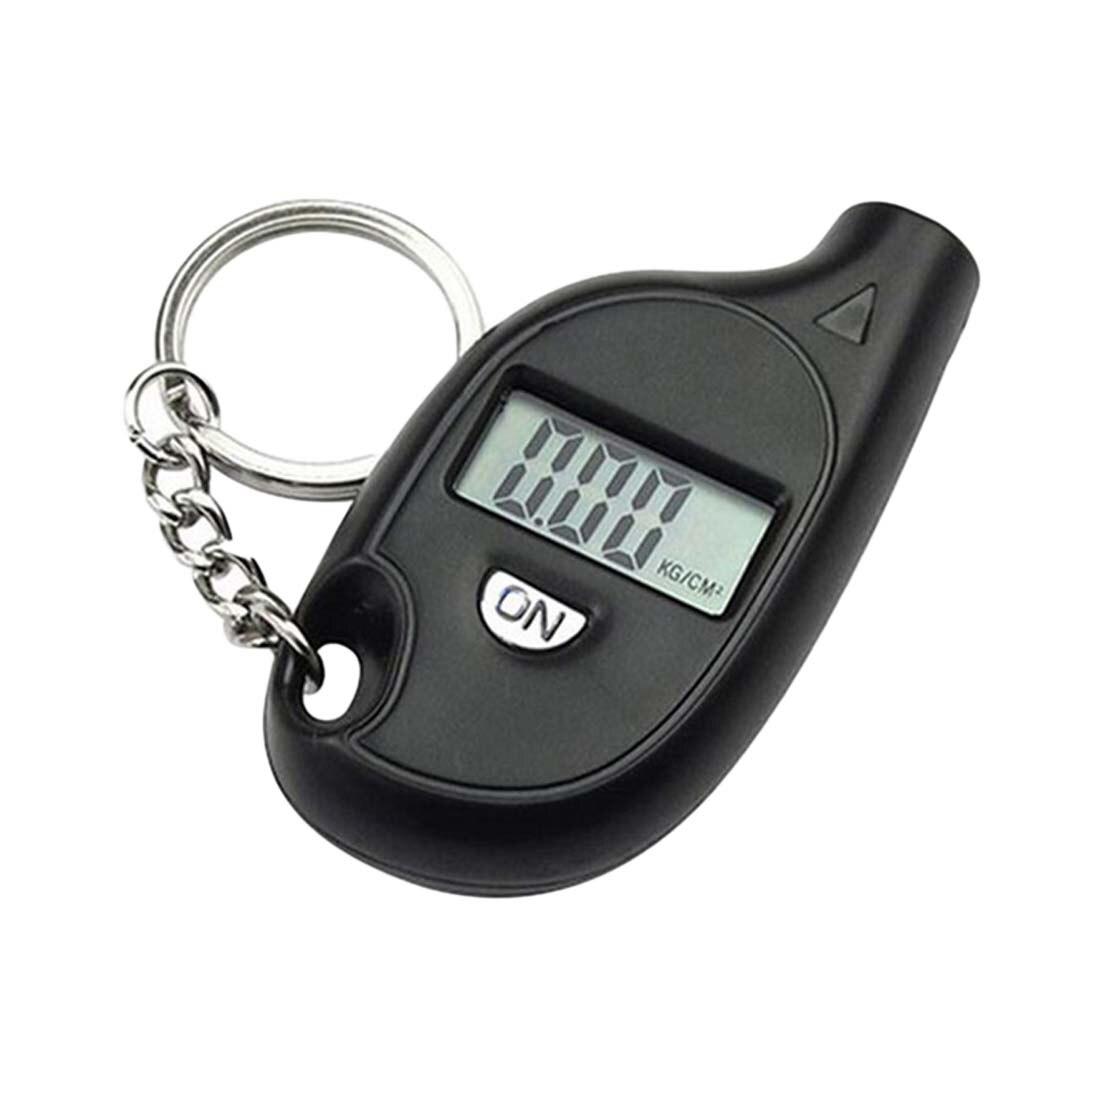 Цифровой прибор для измерения давления в шинах на колесах, тестер для испытания шин на автомобиль, мотоцикл, автомобиль, 5-100 фунтов на квадра...